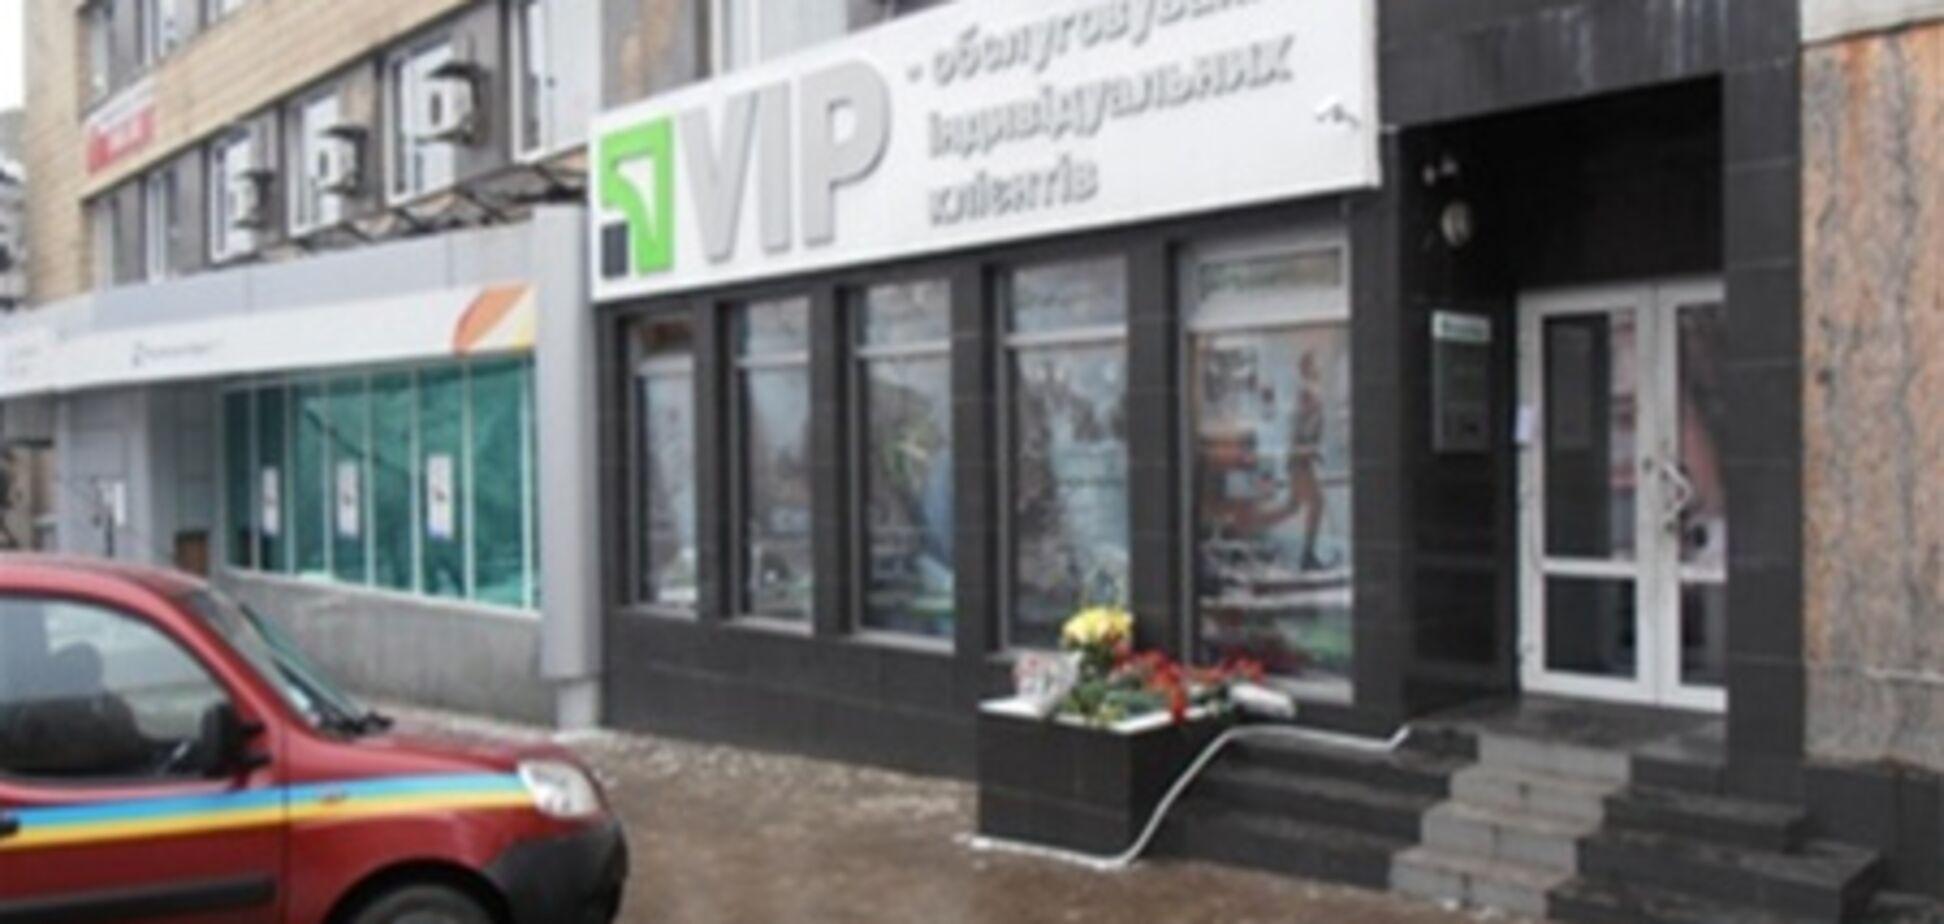 'Приватбанк' опроверг информацию о краже 5,5 миллионов из VIP-отделения